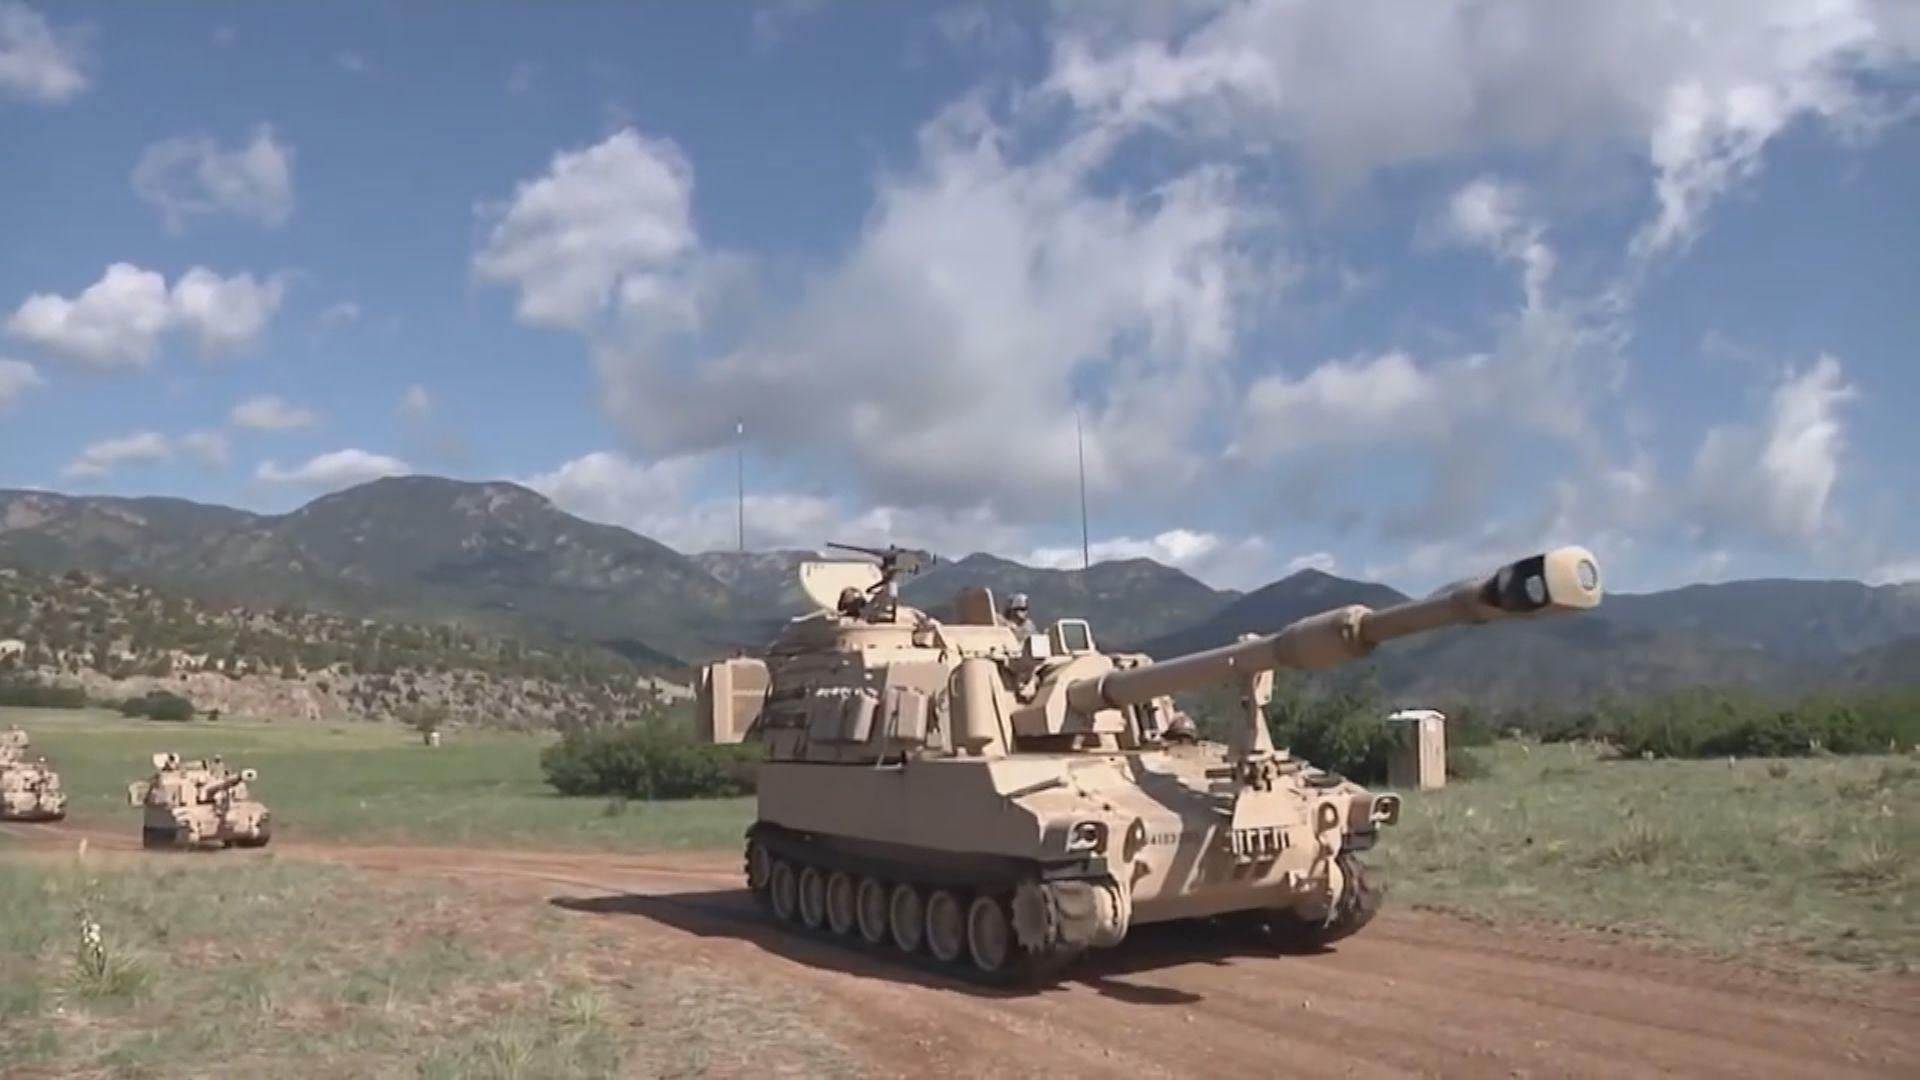 美國據報將向台灣售自走炮 台國防部長:未獲正式通知